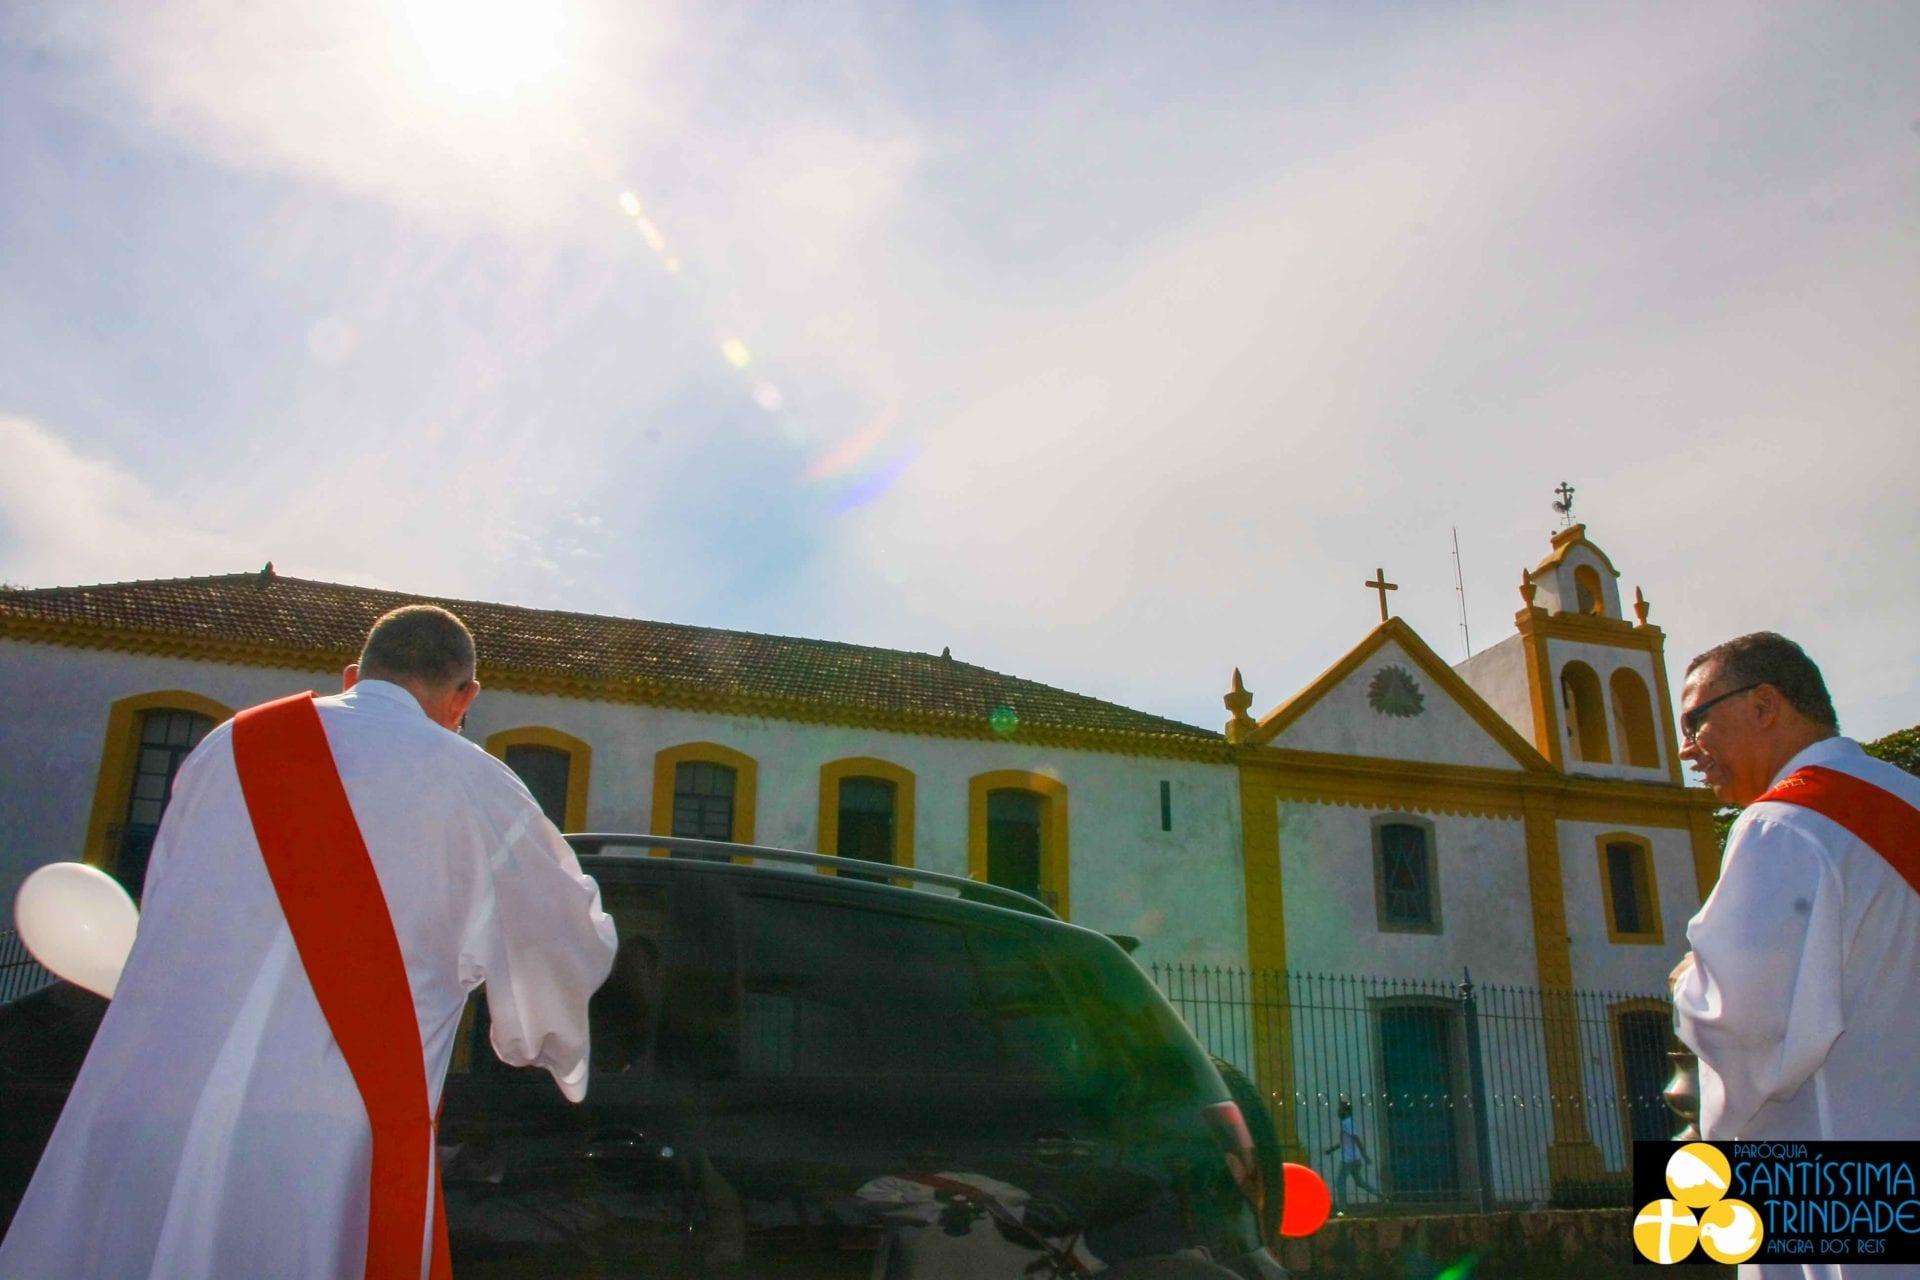 São Cristóvão – Bênção dos Carros, Procissão e Missa – 29 Jul 2018